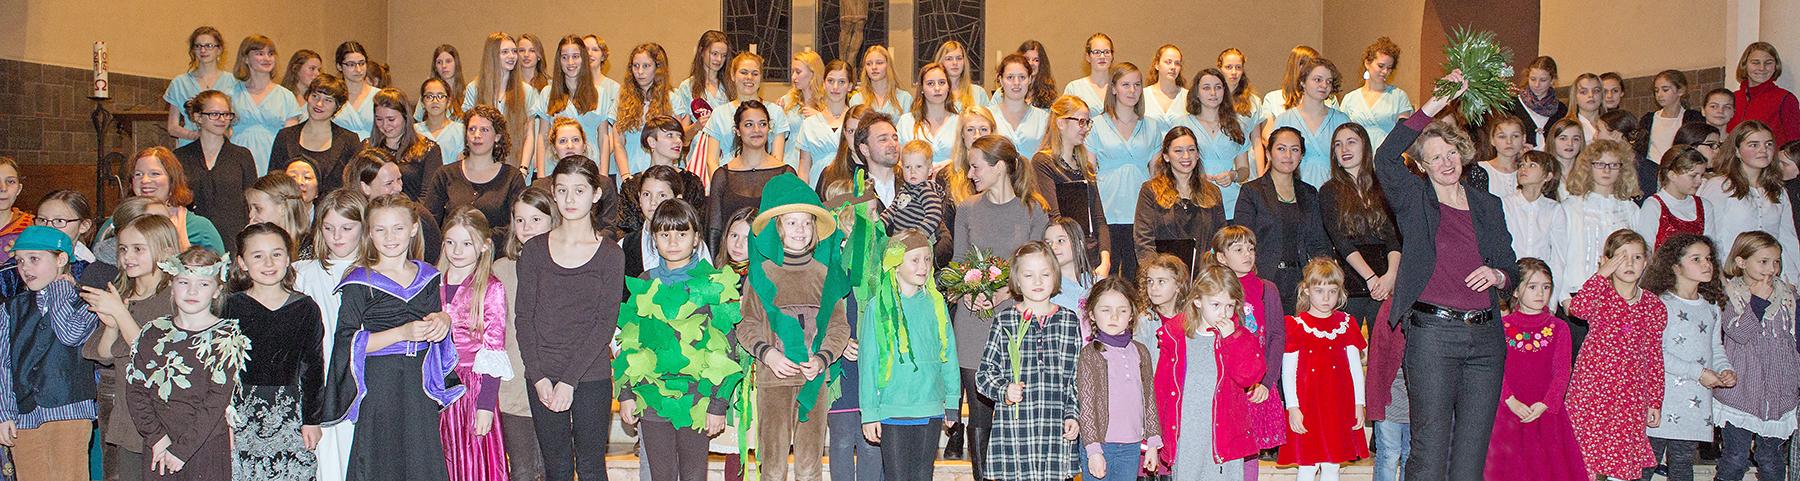 Weihnachtskonzert des Berliner Mädchenchores 2014